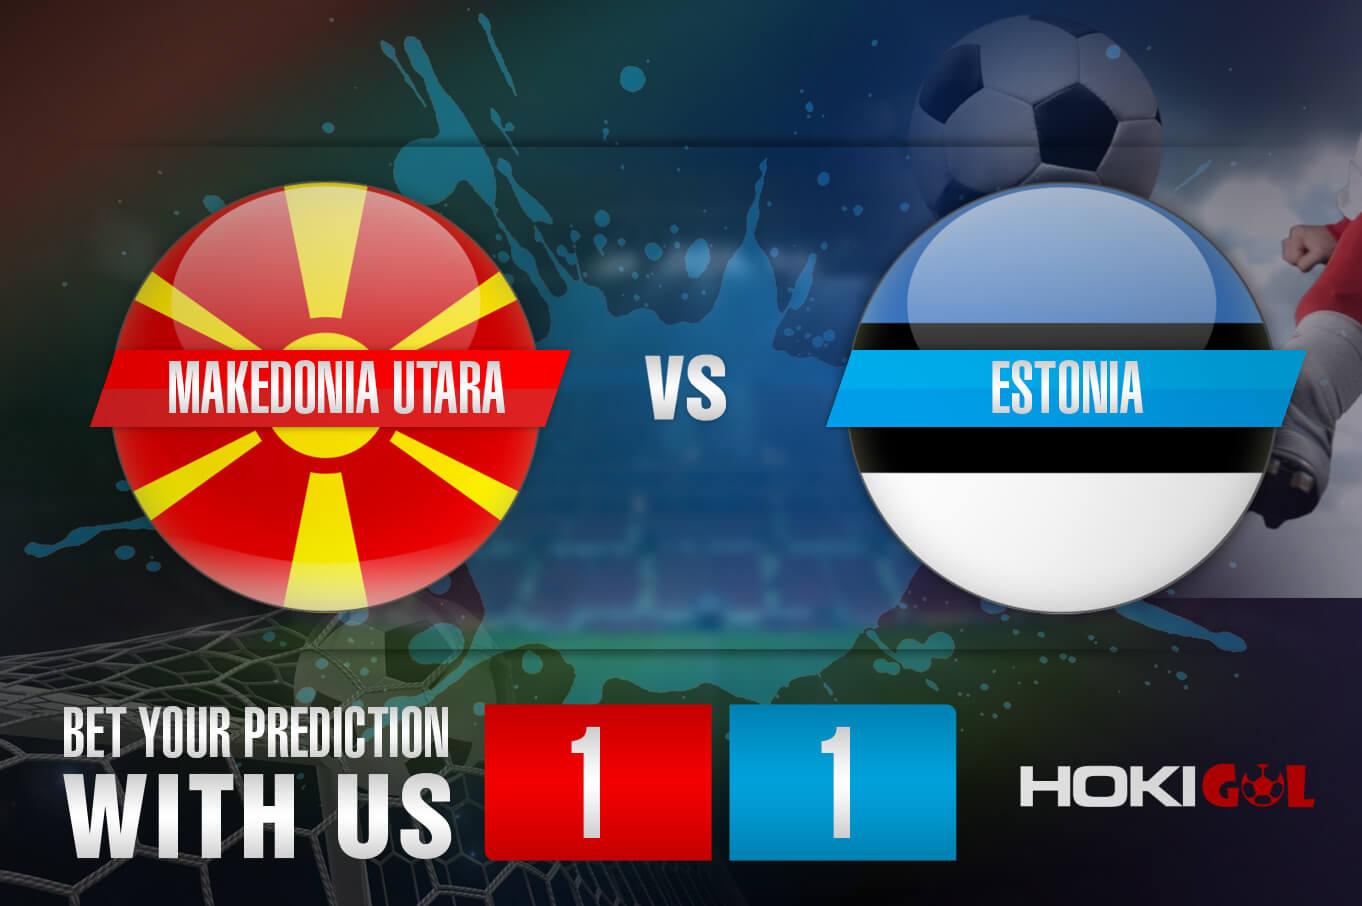 Prediksi Bola Makedonia Utara Vs Estonia 15 November 2020